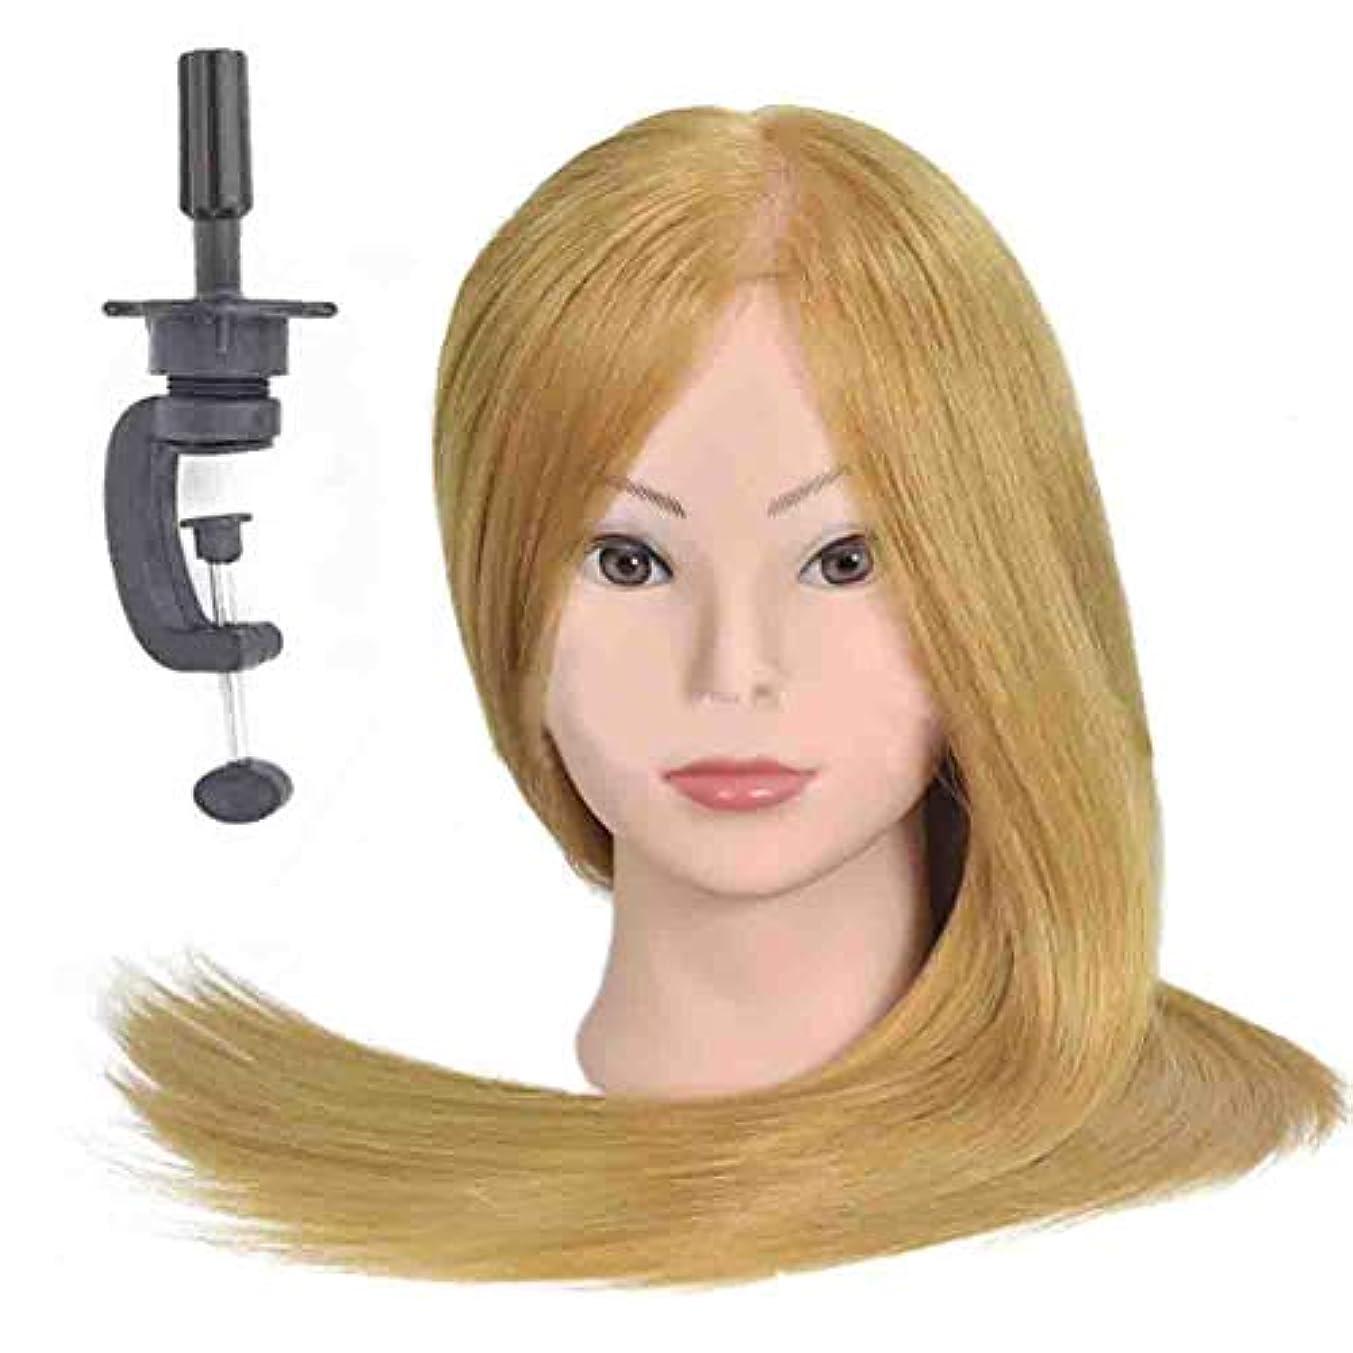 石油パケット飲食店メイクディスクヘアスタイリング編み教育ダミーヘッドサロンエクササイズヘッド金型理髪ヘアカットトレーニングかつら